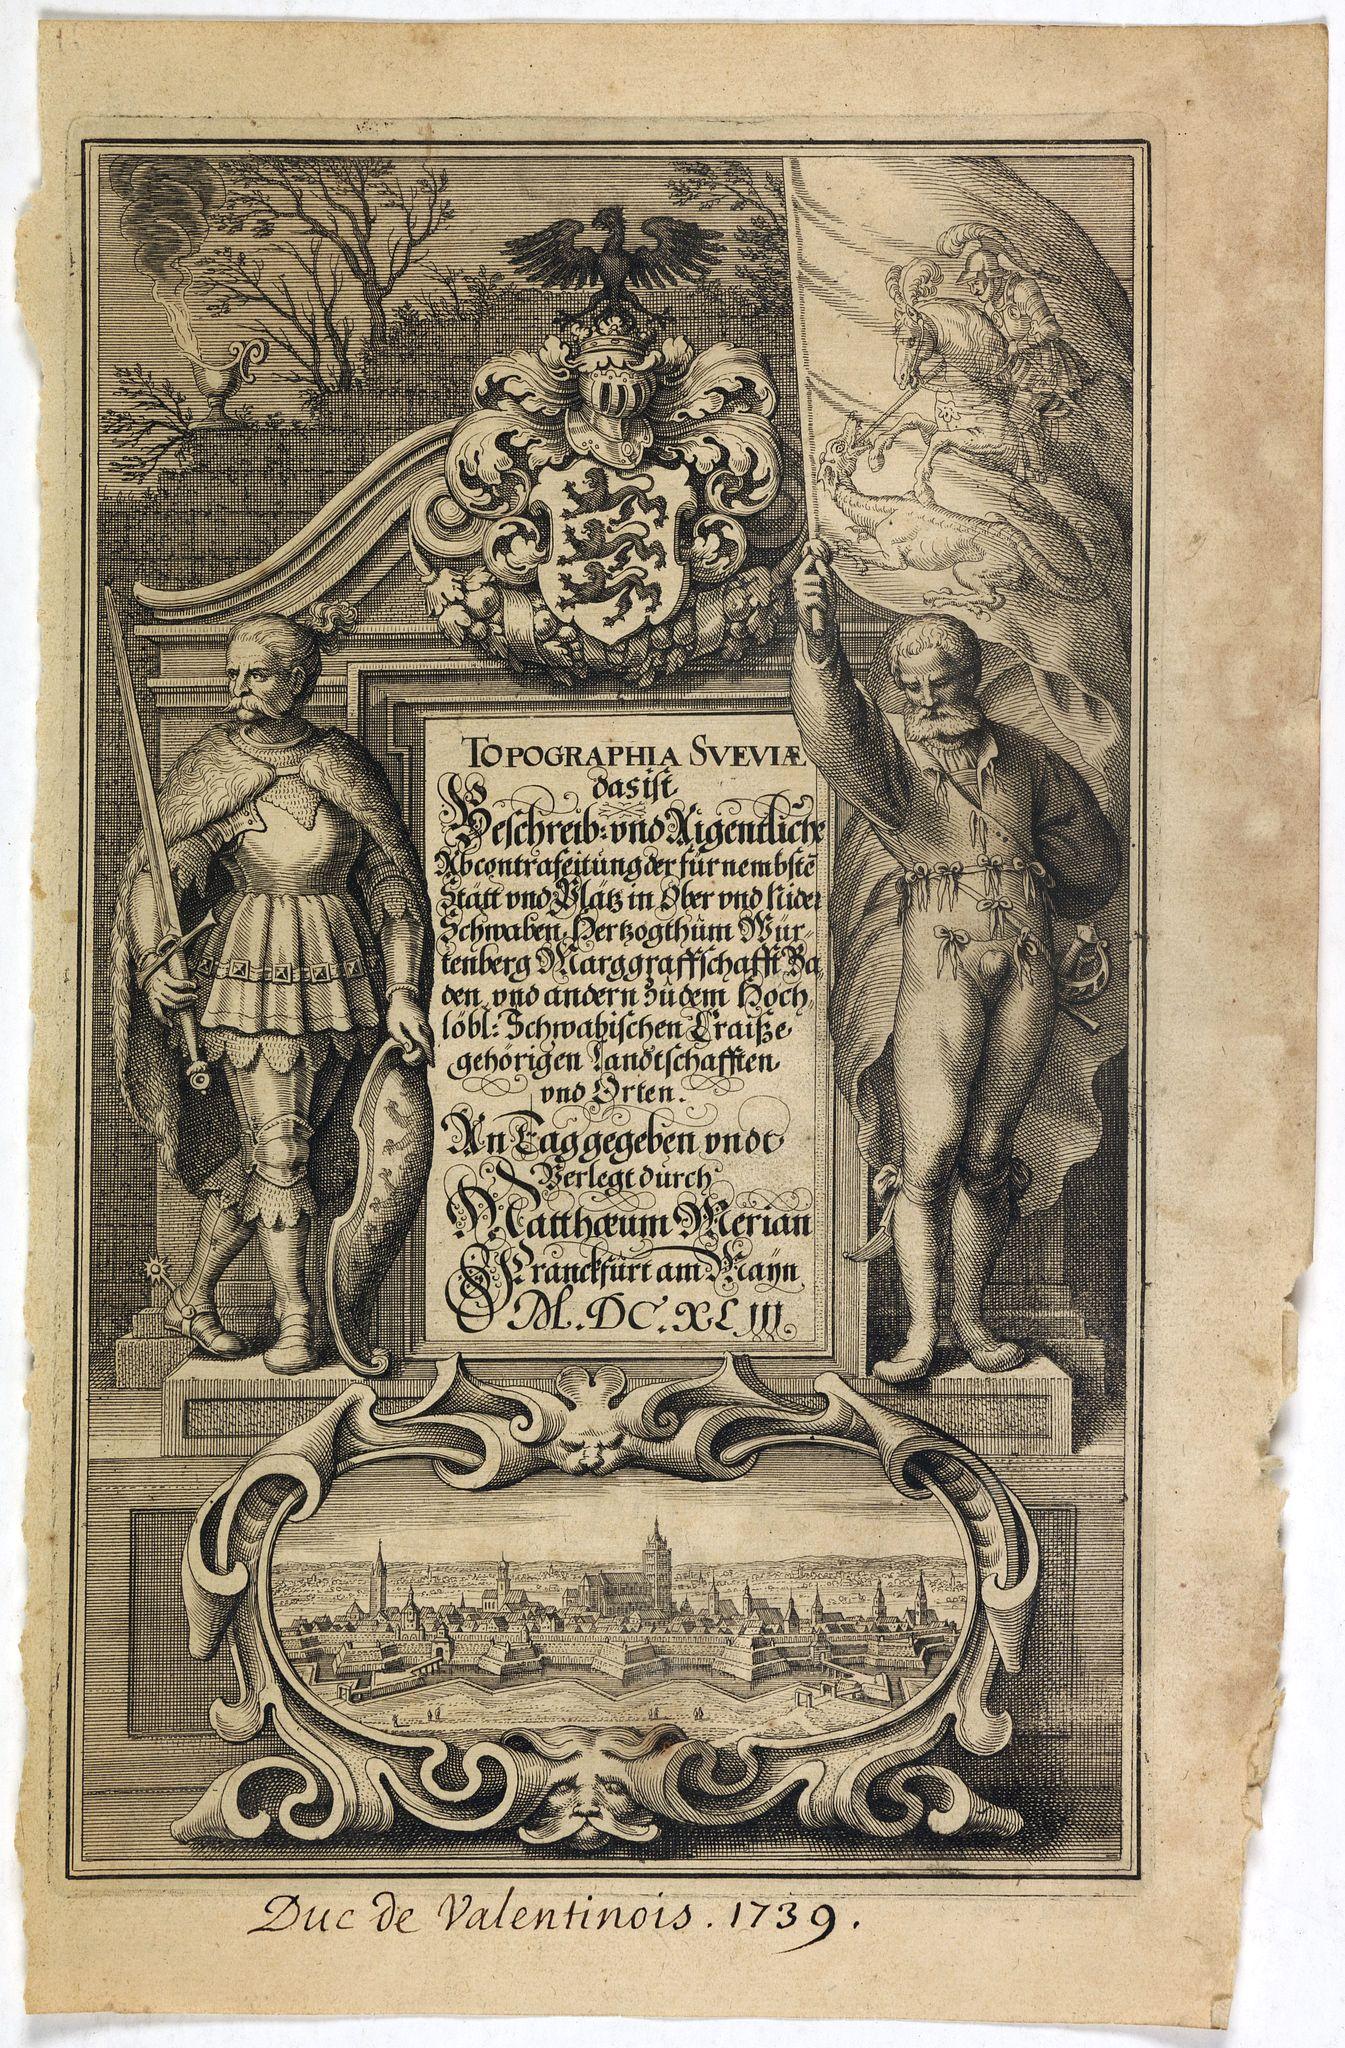 MERIAN, C. -  [Title page ] Topographia Sueviae dasist  Beschreib: und Eigentliche.  . .